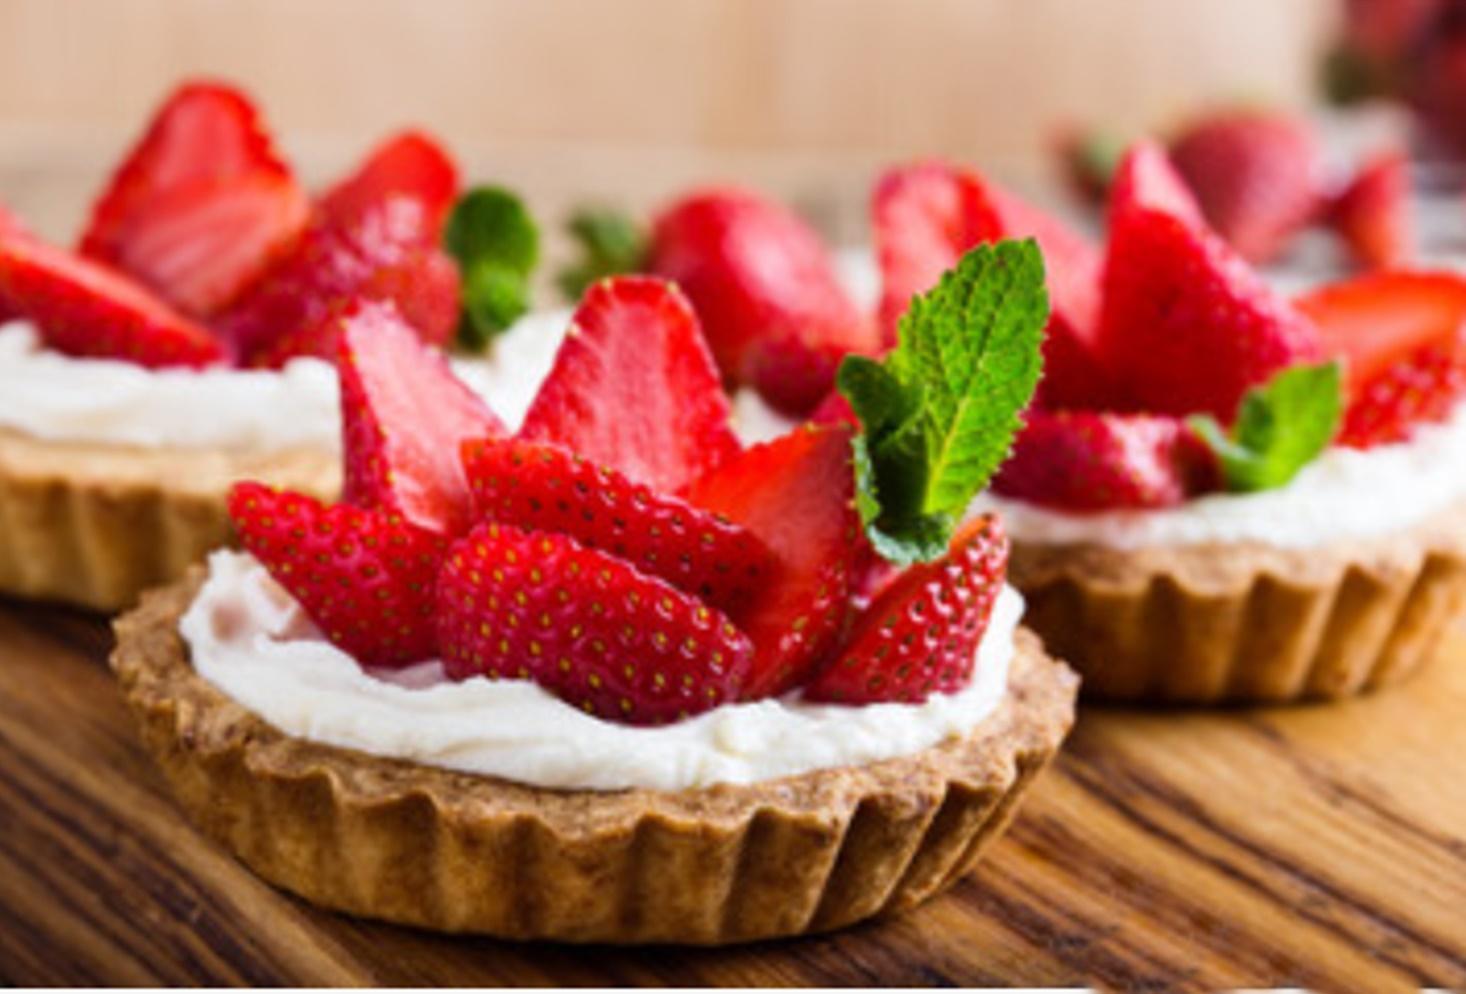 Rețetă de desert simplu cu căpșuni. Rețetă de minitarte cu cremă de vanilie și căpșuni